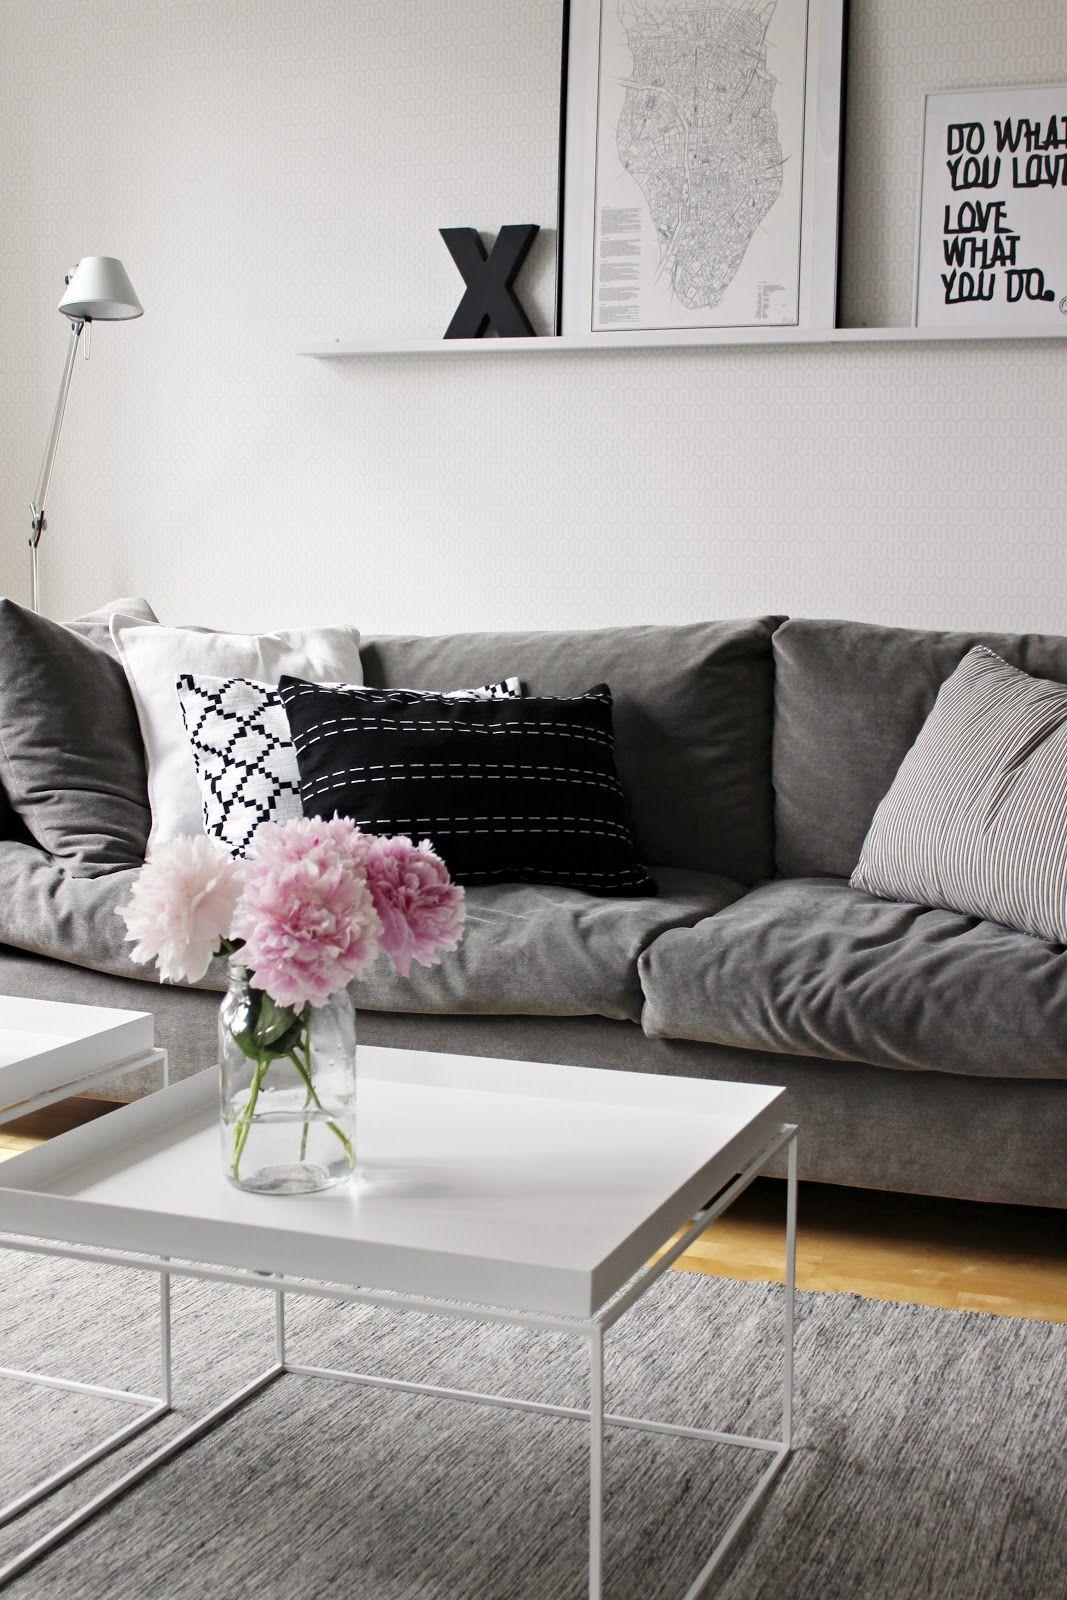 Olohuoneen ilmettä voi muutella suurilla sohvatyynyillä ja kukilla on helppoa tuoda lisäväriä muuten mustavalkoisen sekä harmaan sävyissä komeilevaan tilaan. #mustavalkoinen #olohuone